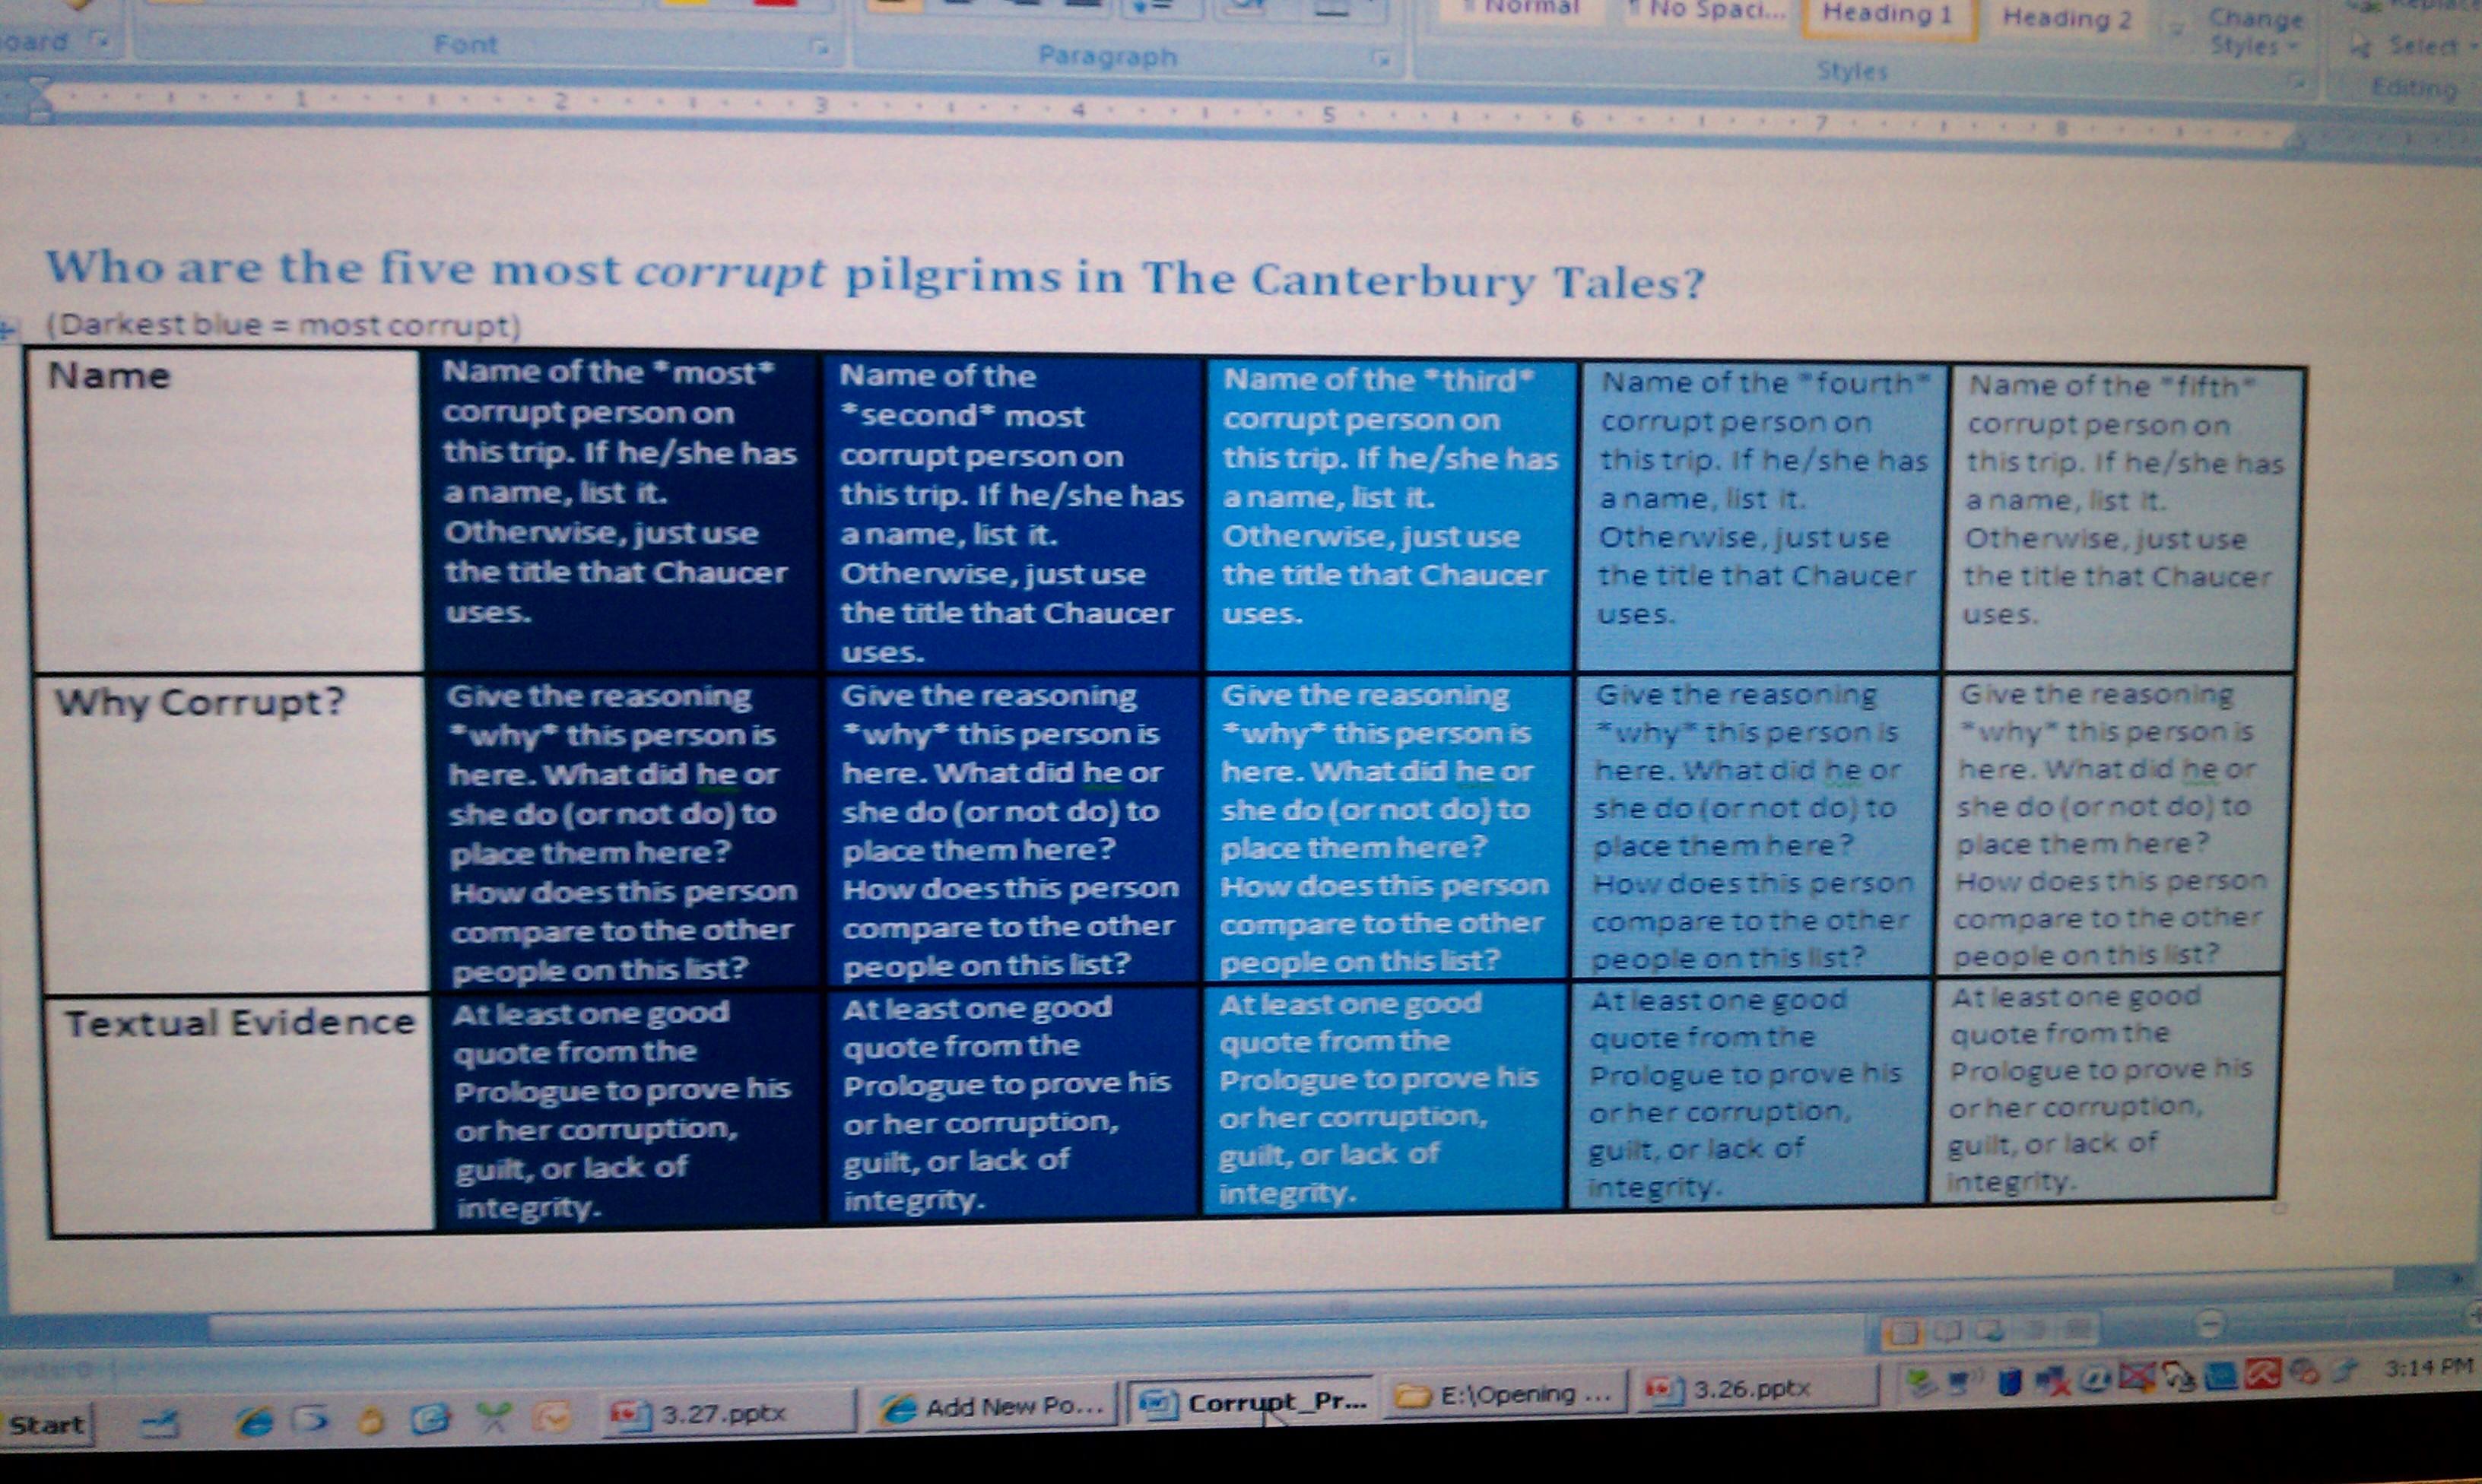 canterbury tales pride o riley corrupt